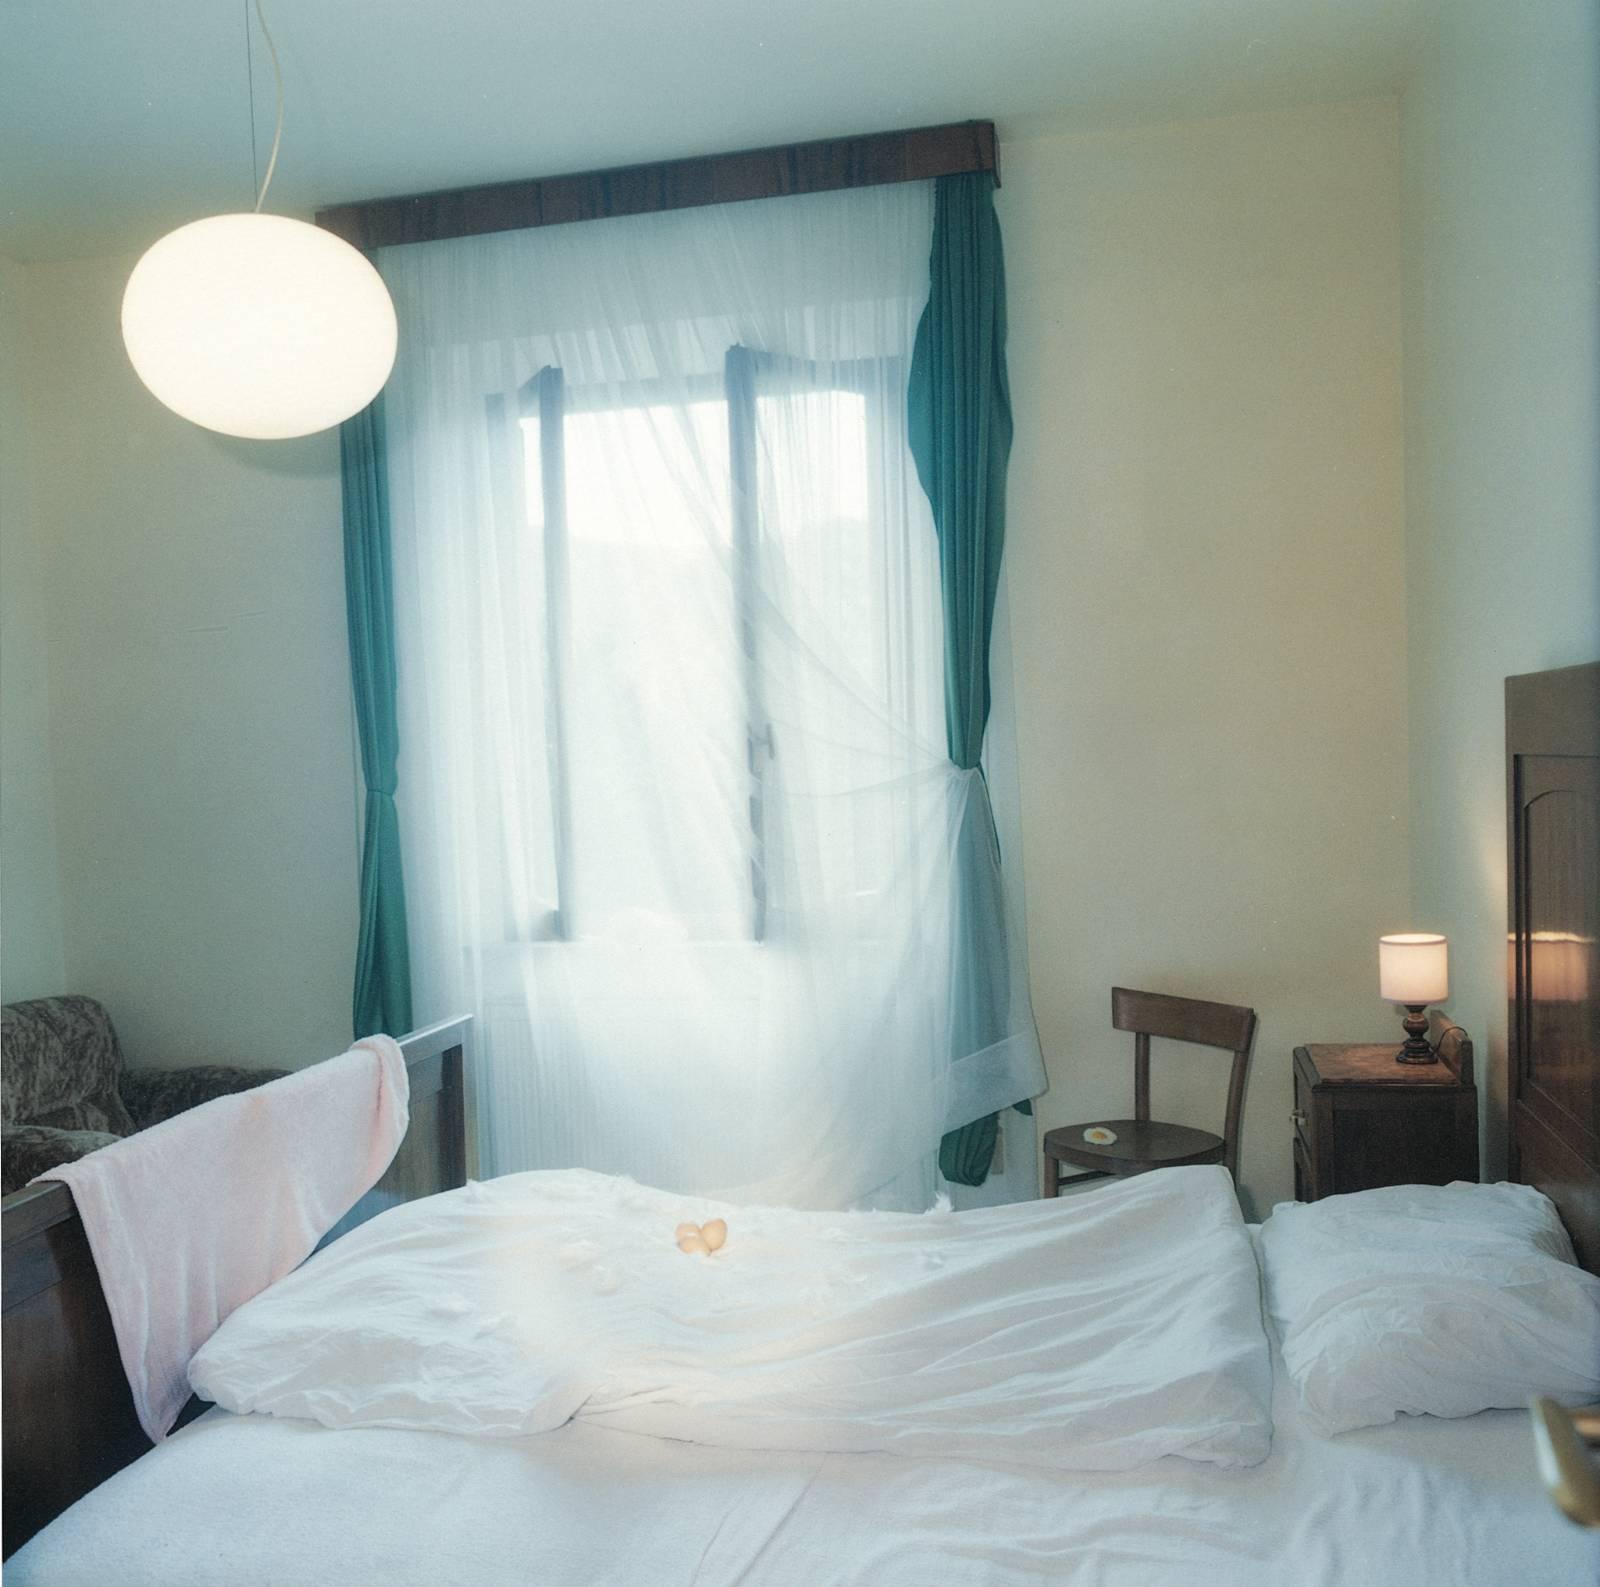 The Bedroom, 2002, C-print, 100 x 100 cm